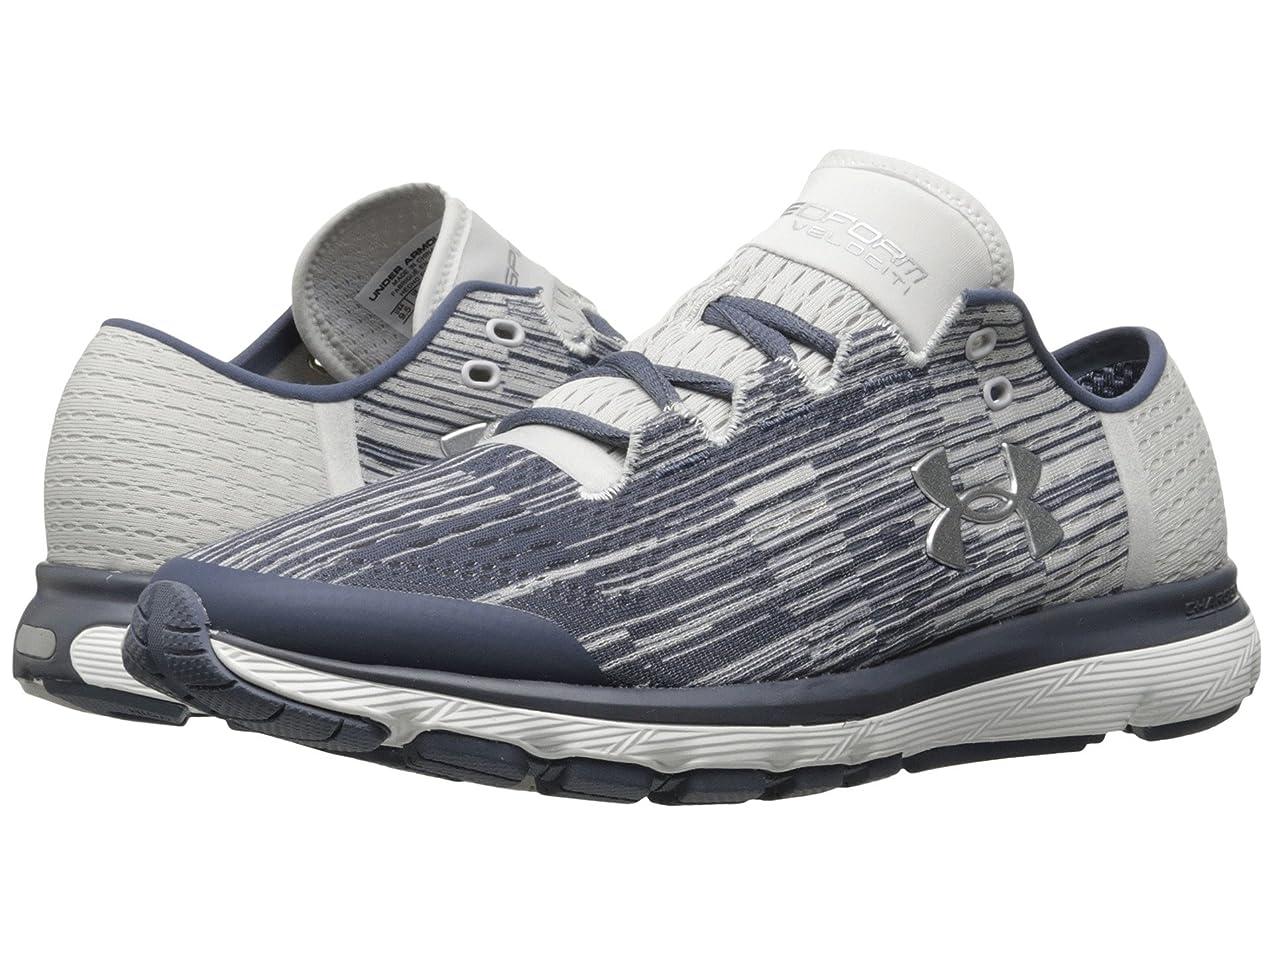 繰り返した拒否刃(アンダーアーマー) UNDER ARMOUR レディースランニングシューズ?スニーカー?靴 Speedform Velociti GR Apollo Gray/Glacier Gray/MSV 9 (26cm) B - Medium